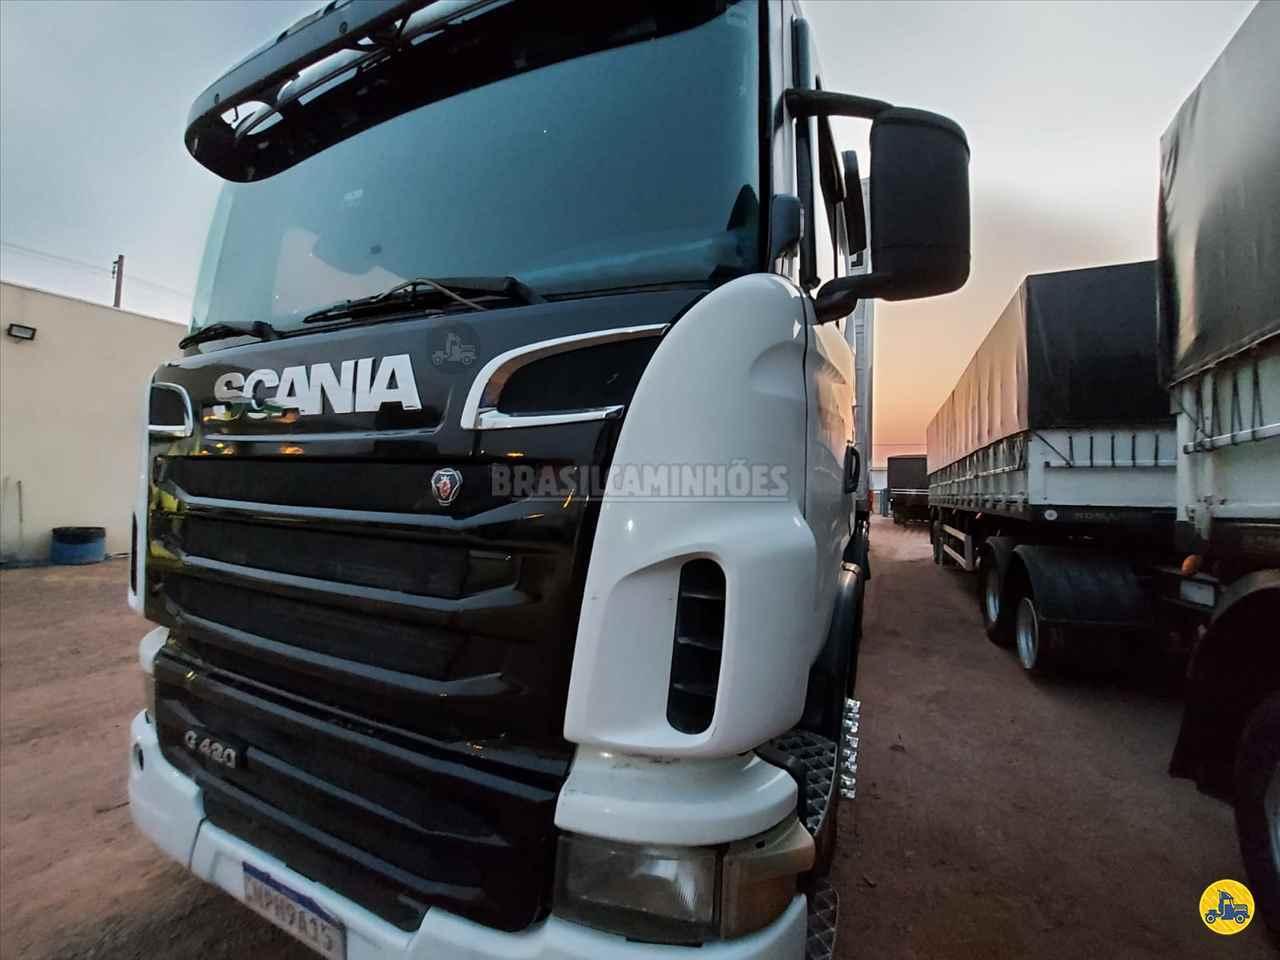 CAMINHAO SCANIA SCANIA 420 Baú Frigorífico Truck 6x2 Brasil Caminhões Sinop SINOP MATO GROSSO MT